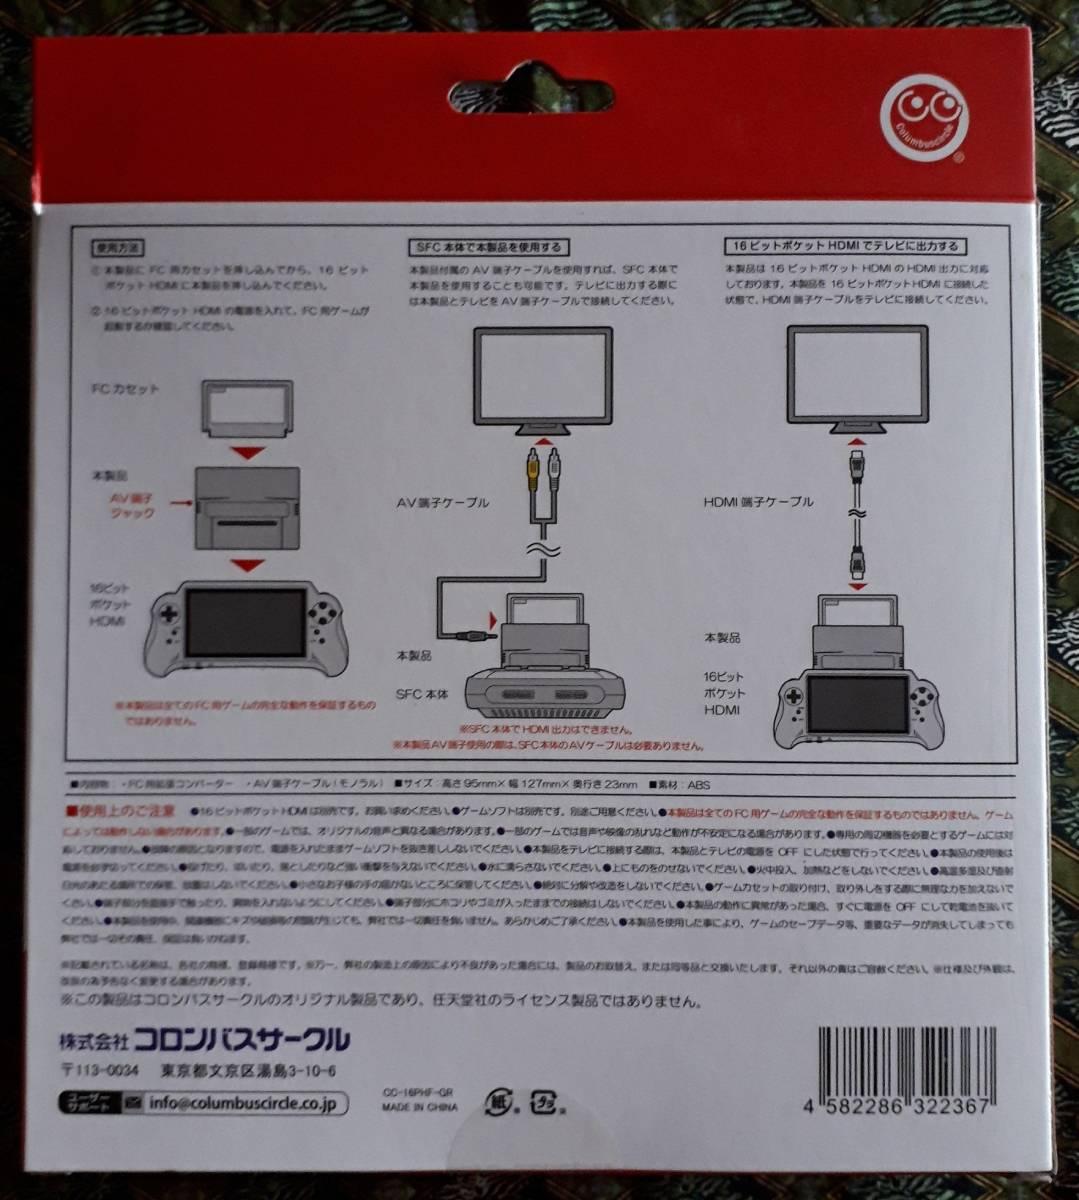 16ビットポケット HDMI用 FC用拡張コンバーター  スーパーファミコン本体でも使用できます_画像2